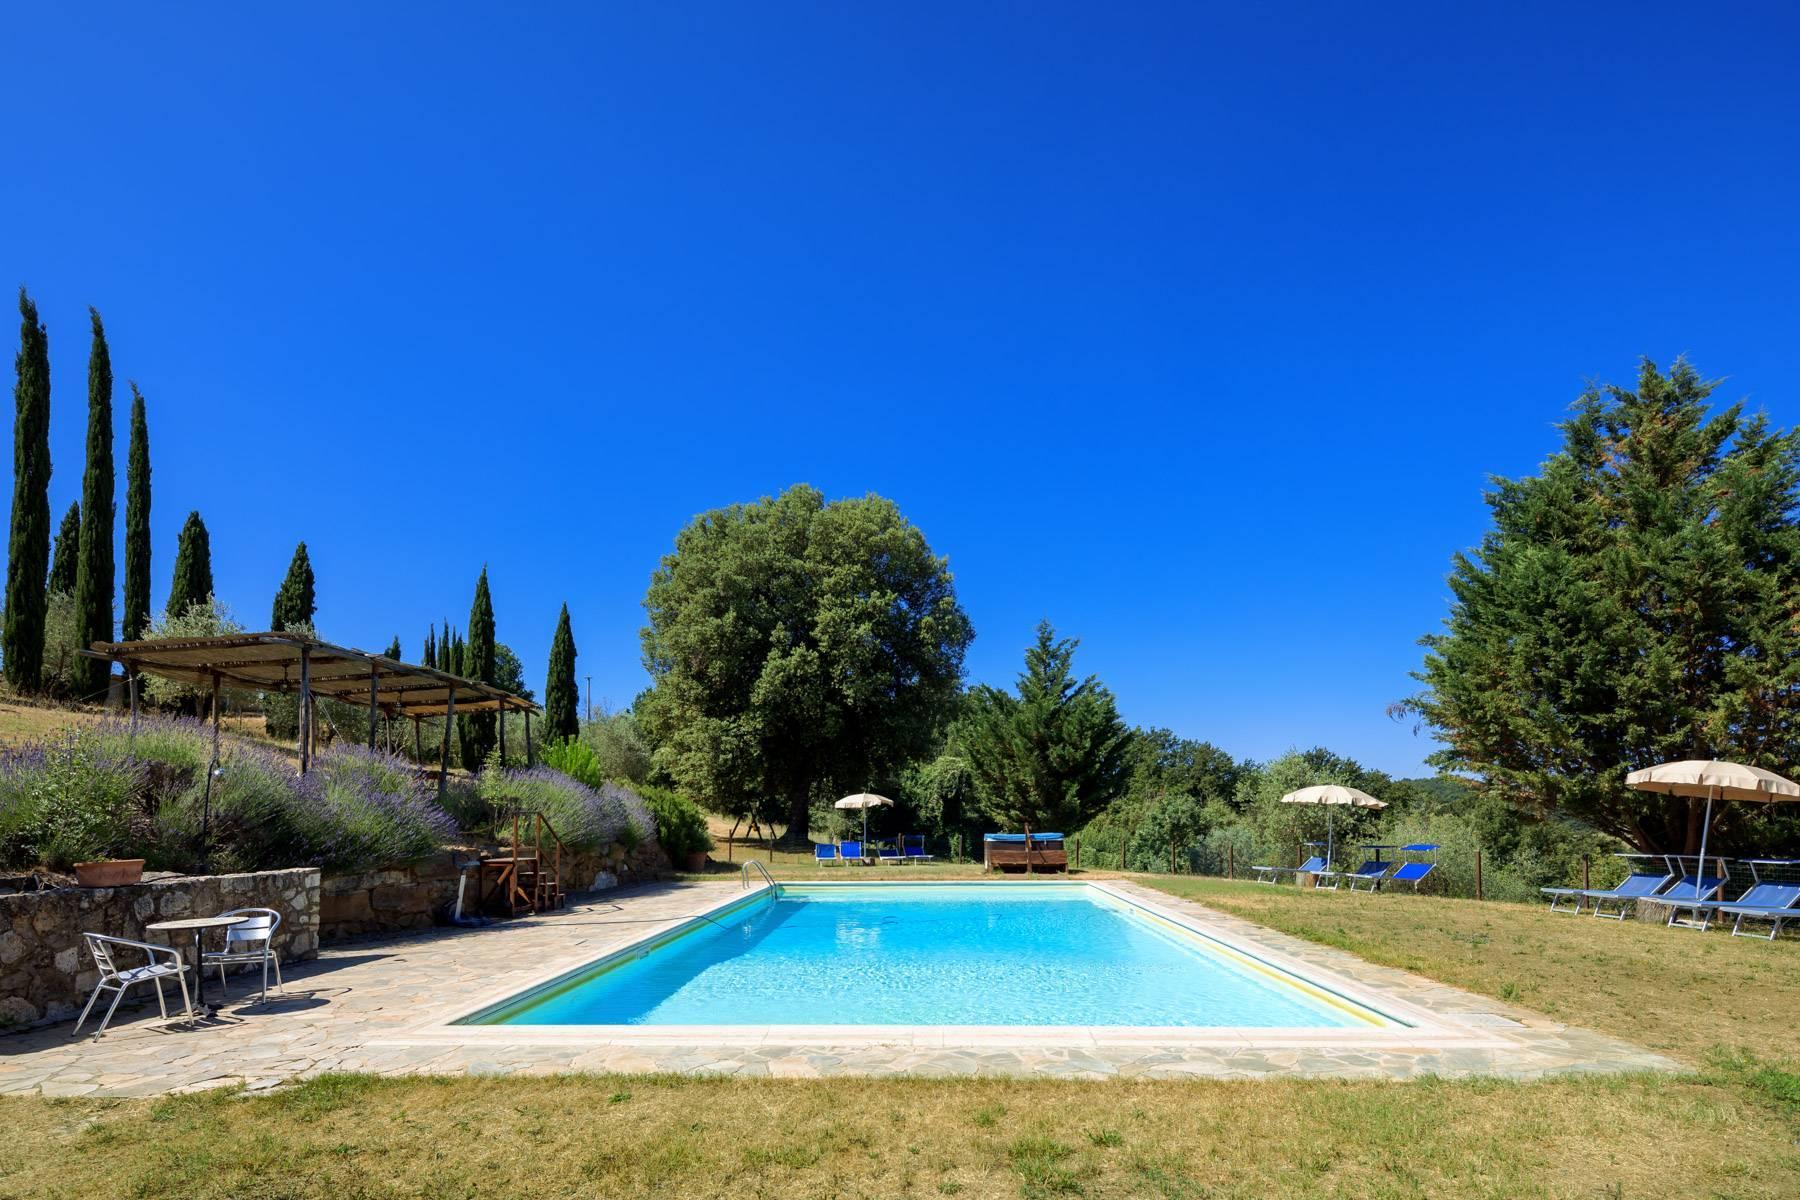 Storico casale nel cuore delle crete senesi con piscina - 6